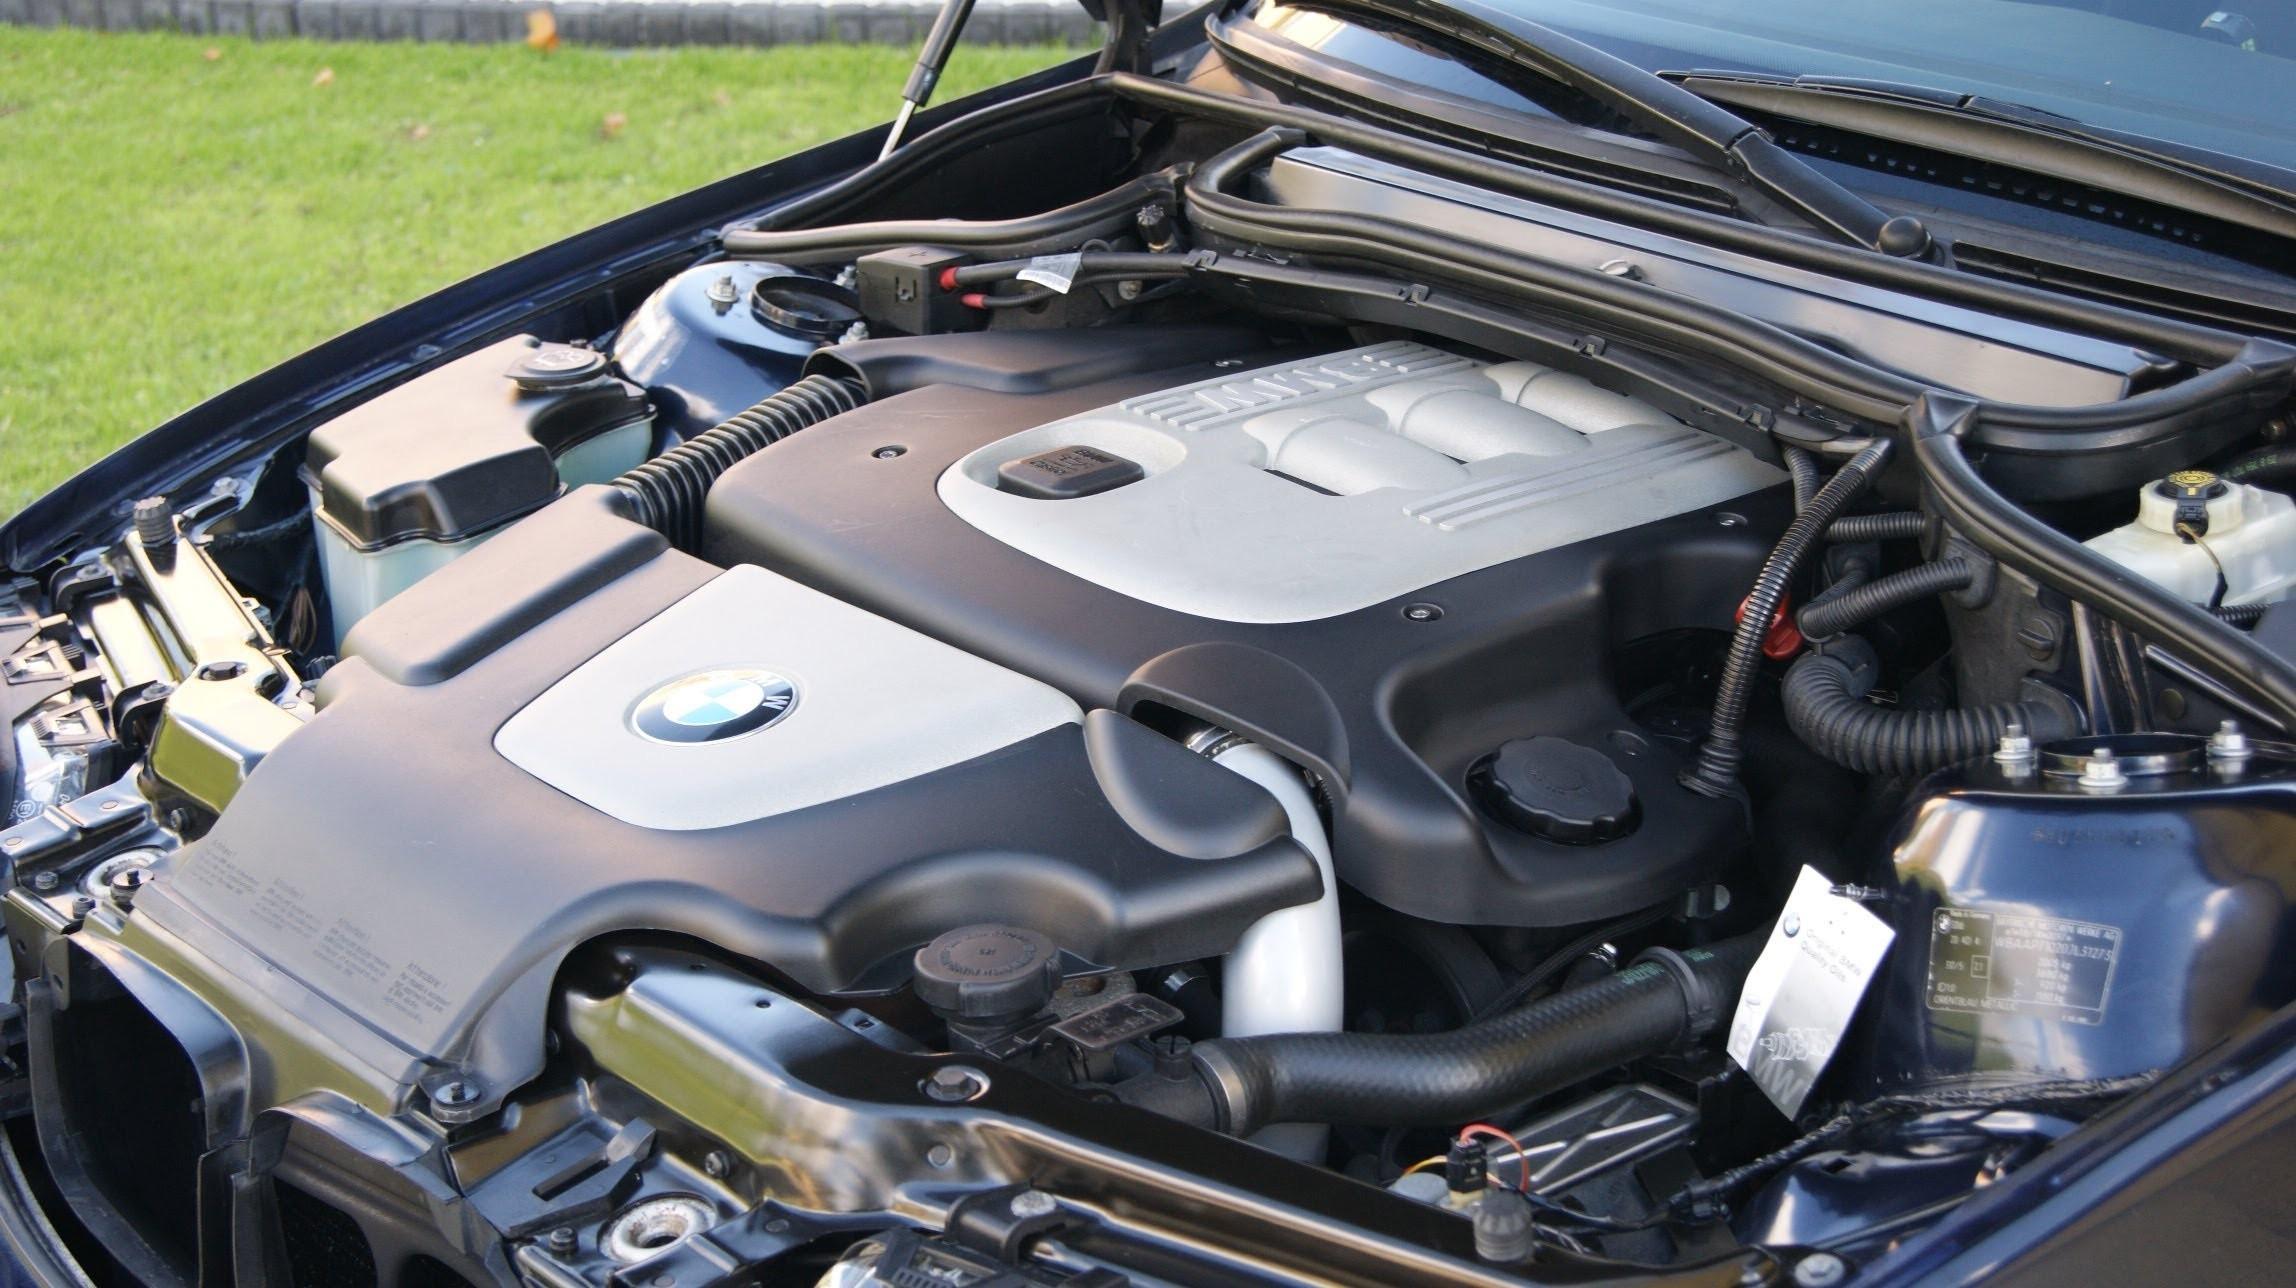 Bmw E46 Engine Parts Diagram Bmw M3 1992 Beautiful Bmw E46 Parts Diagram Best Wymiana Ko…'o Of Bmw E46 Engine Parts Diagram